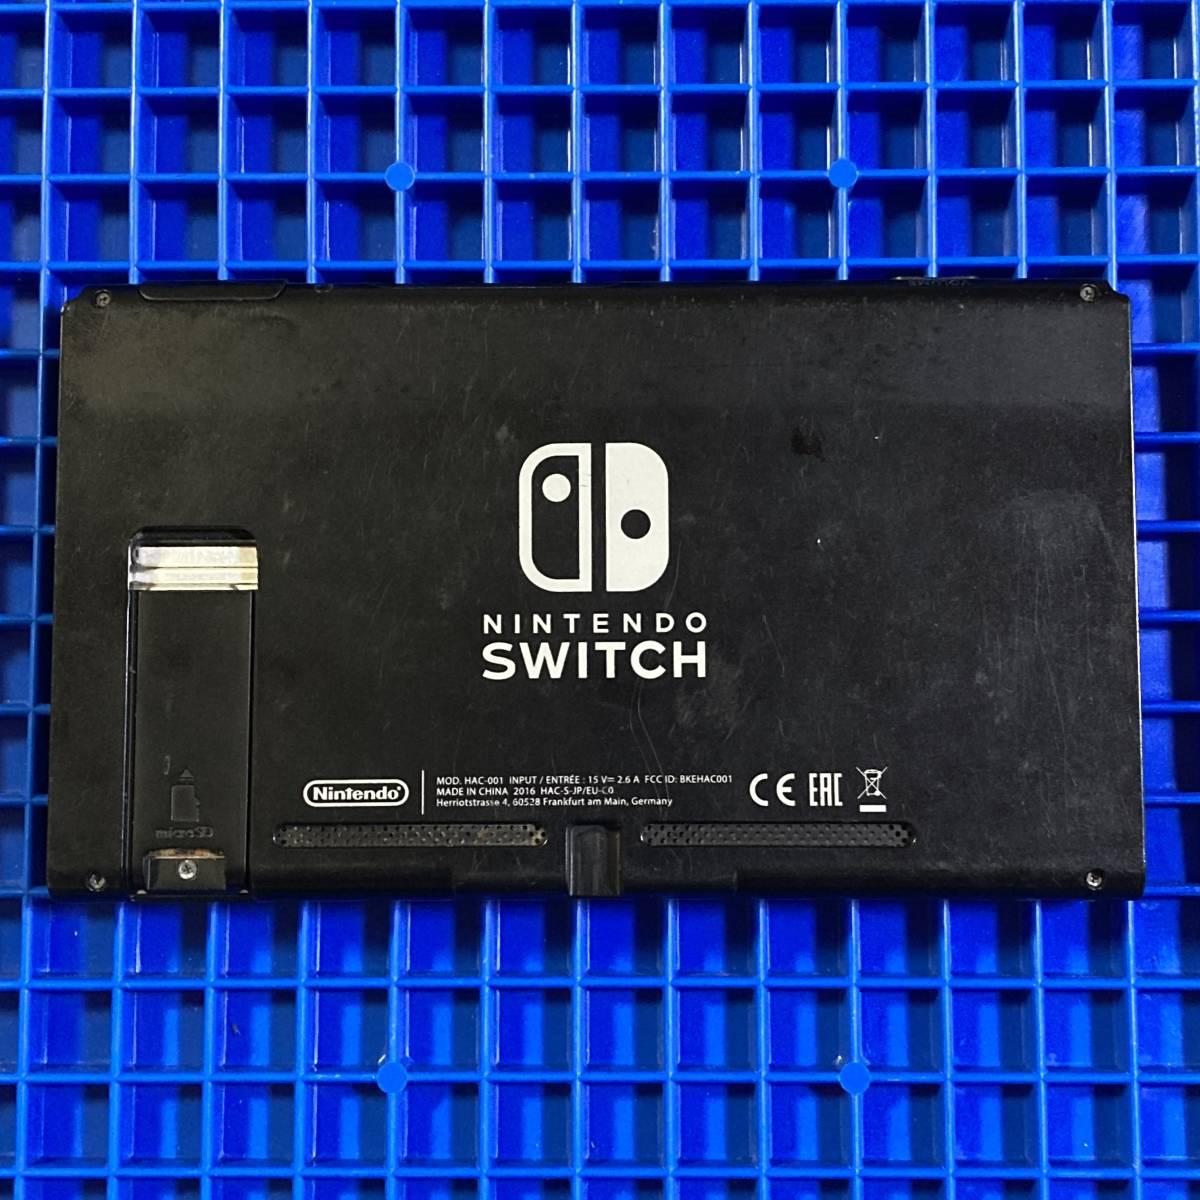 動作確認済 清掃済 スタンド欠品 ニンテンドースイッチ Nintendo Switch HAC-001 2016年製 未対策機 cfw 旧型 読込OK 本体 任天堂 YO-727_画像2